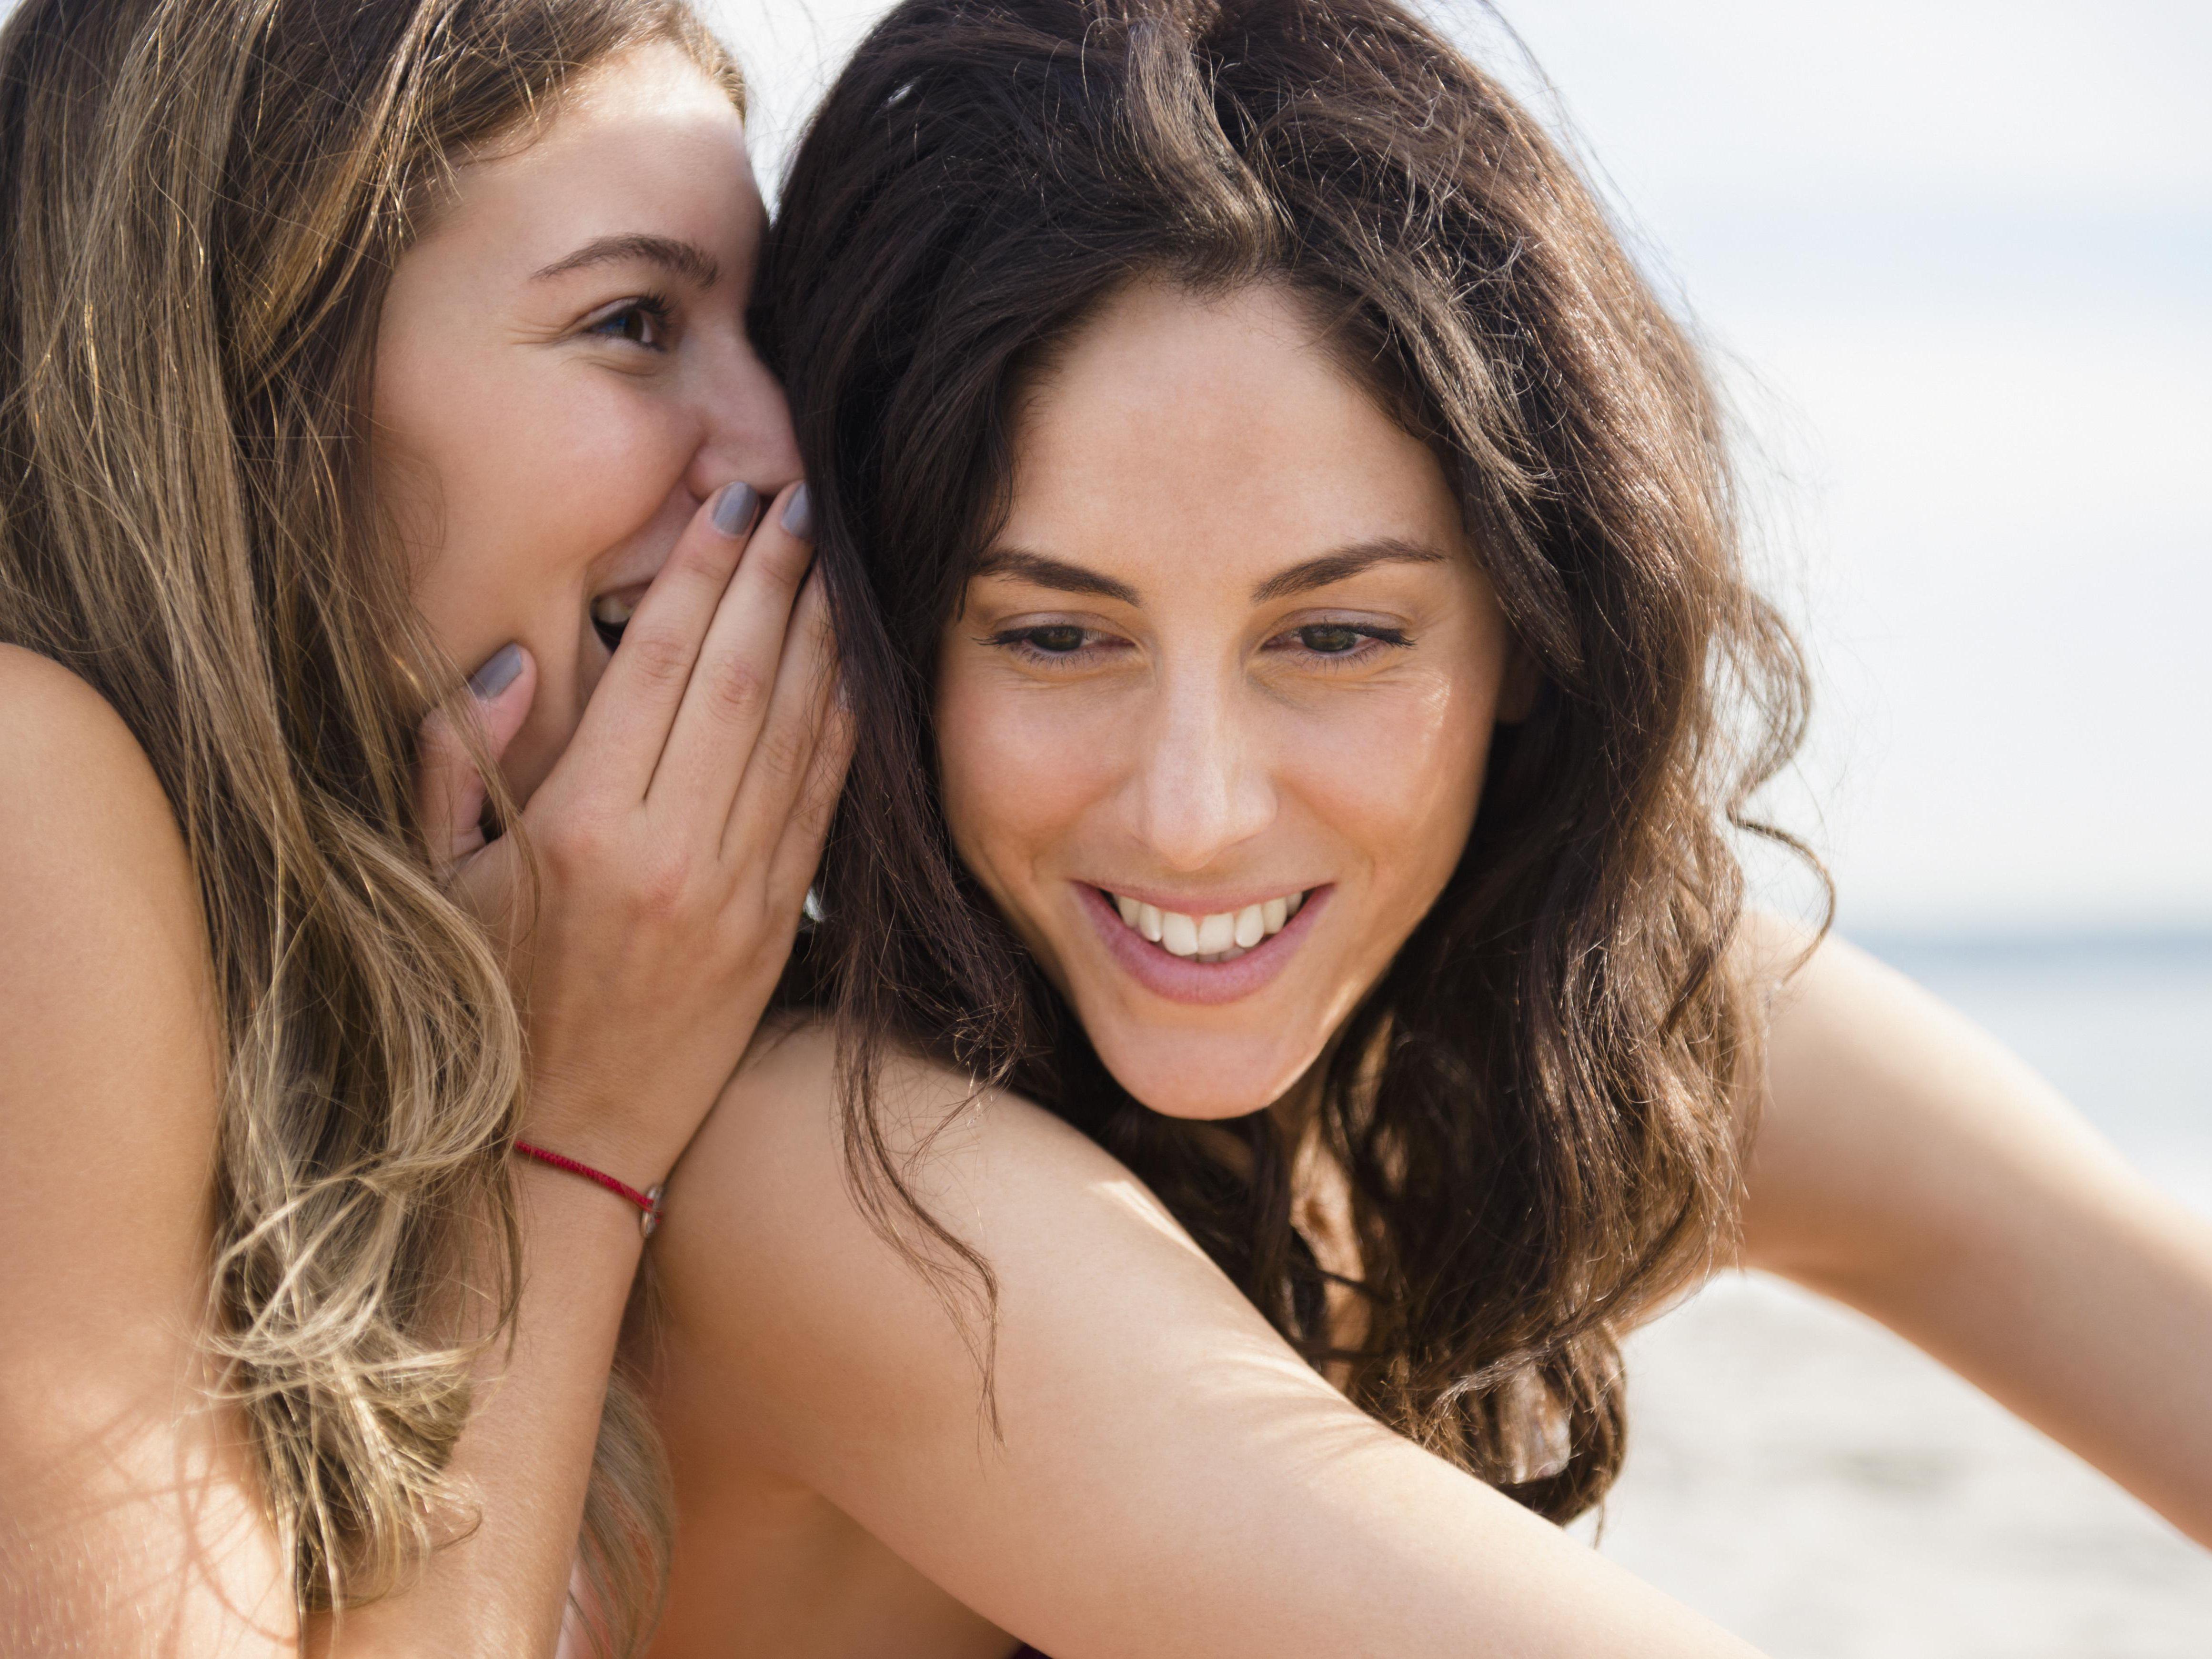 Tips for good lesbian sex